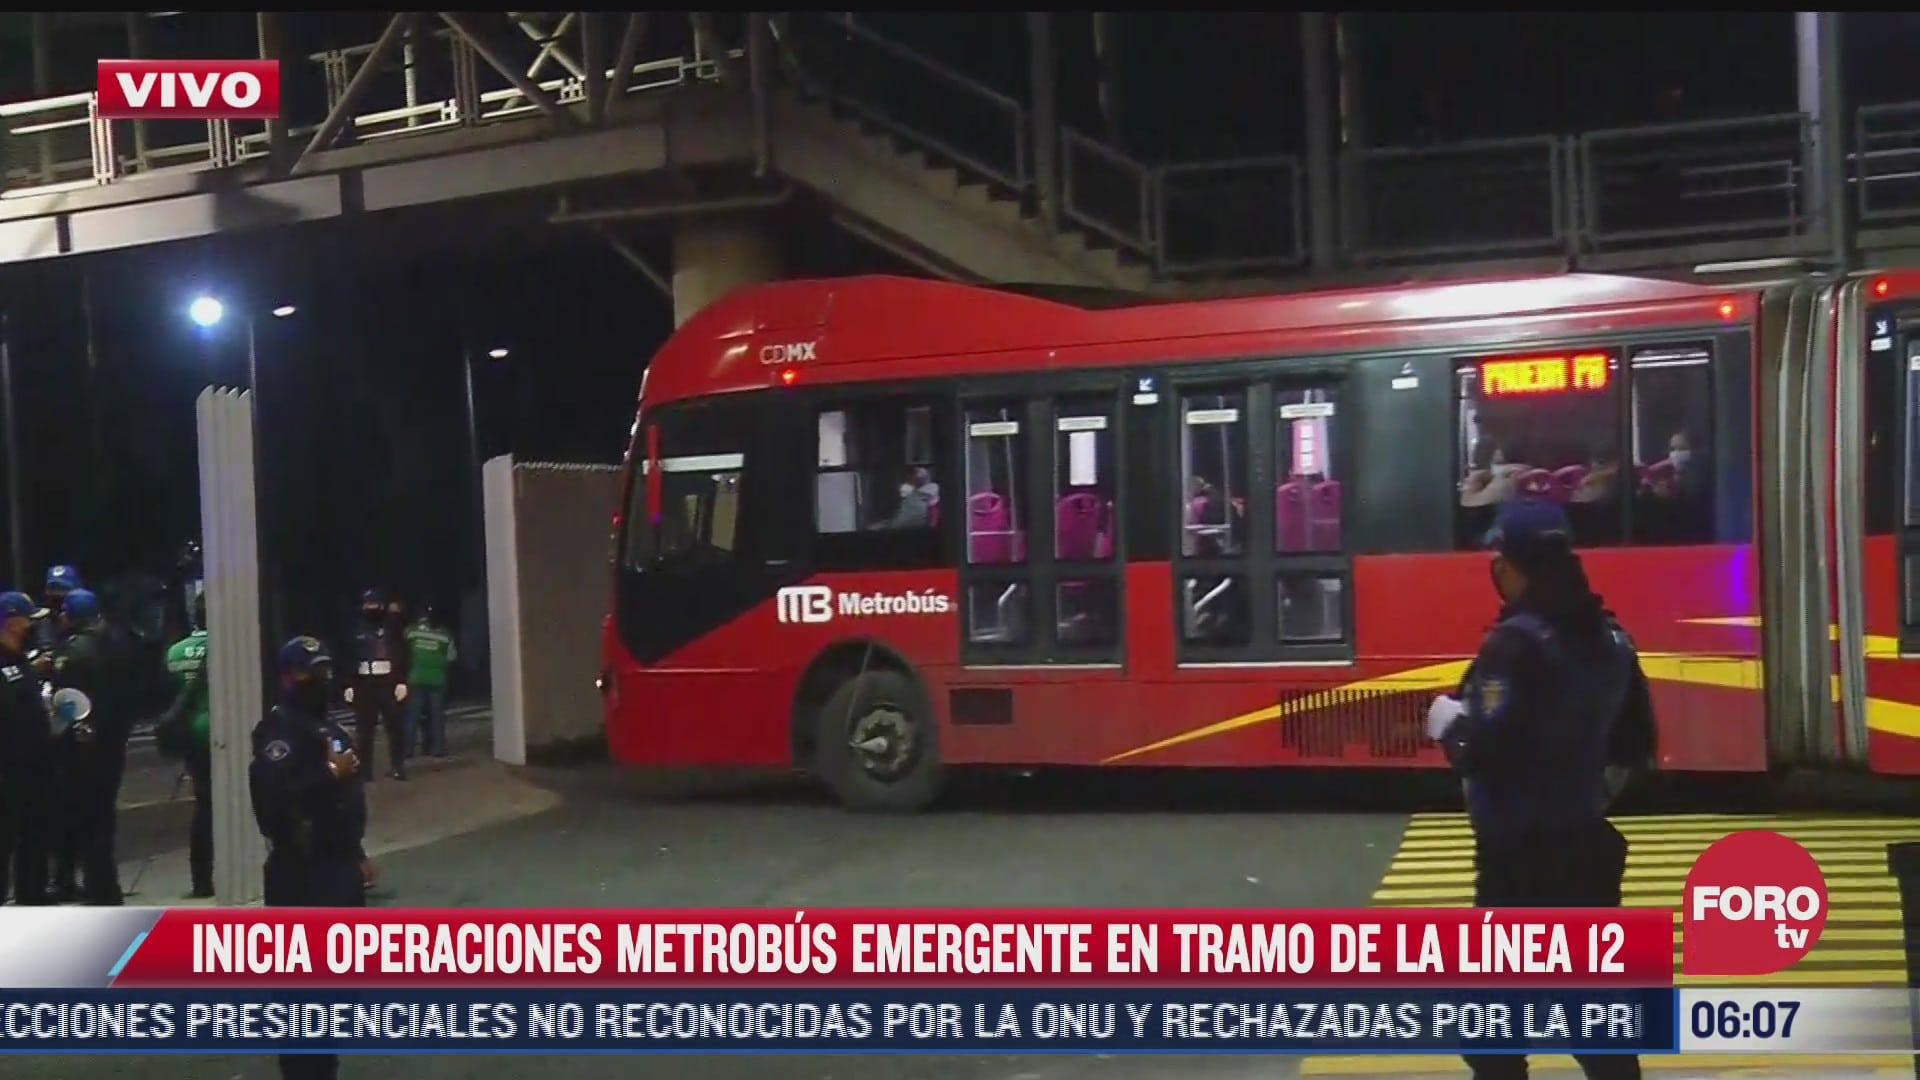 inicia operaciones metrobus emergente en tramo de la linea